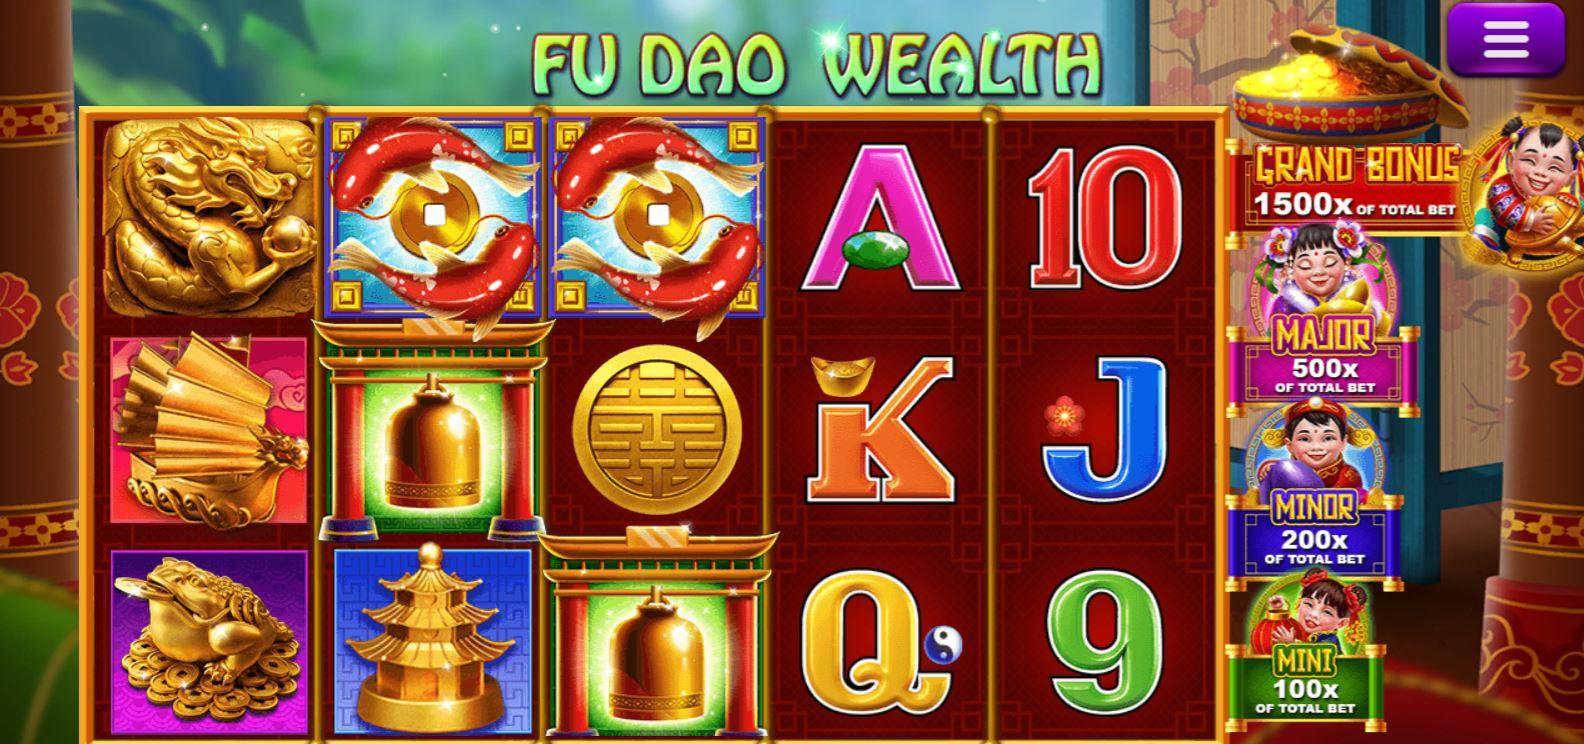 Epicwin-Fu Dao Wealth-ทางเข้า